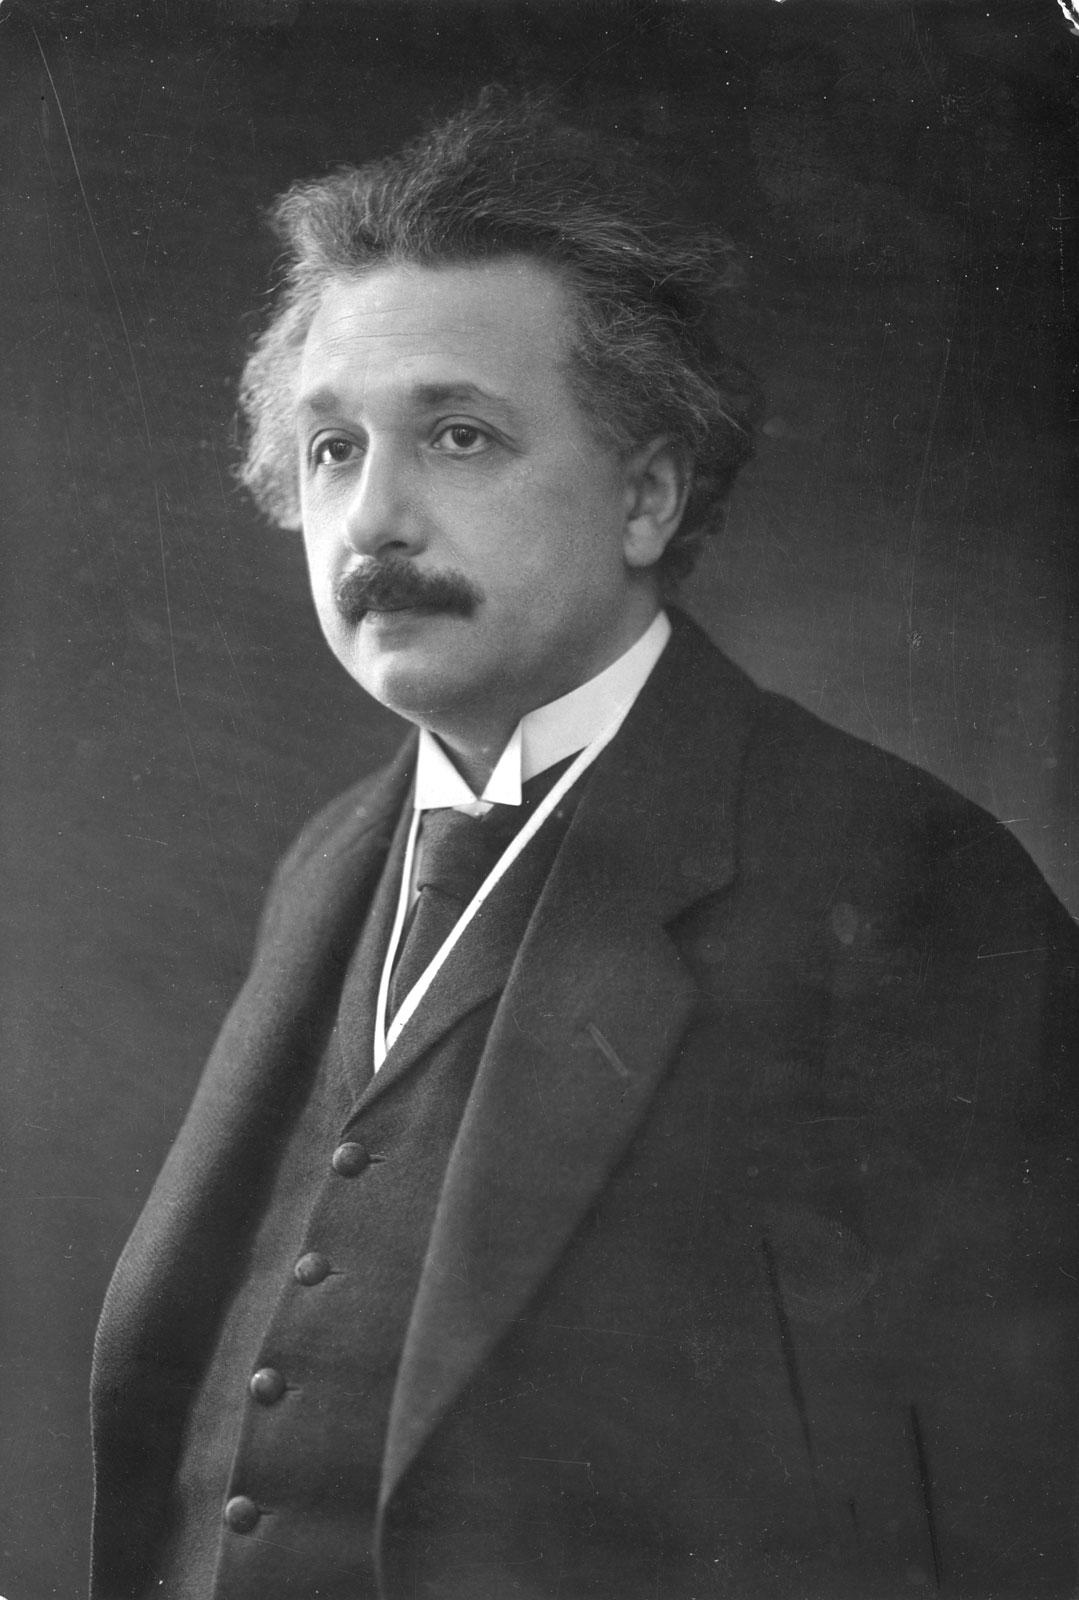 空间形状又看不到,爱因斯坦怎样知道它是弯曲的?